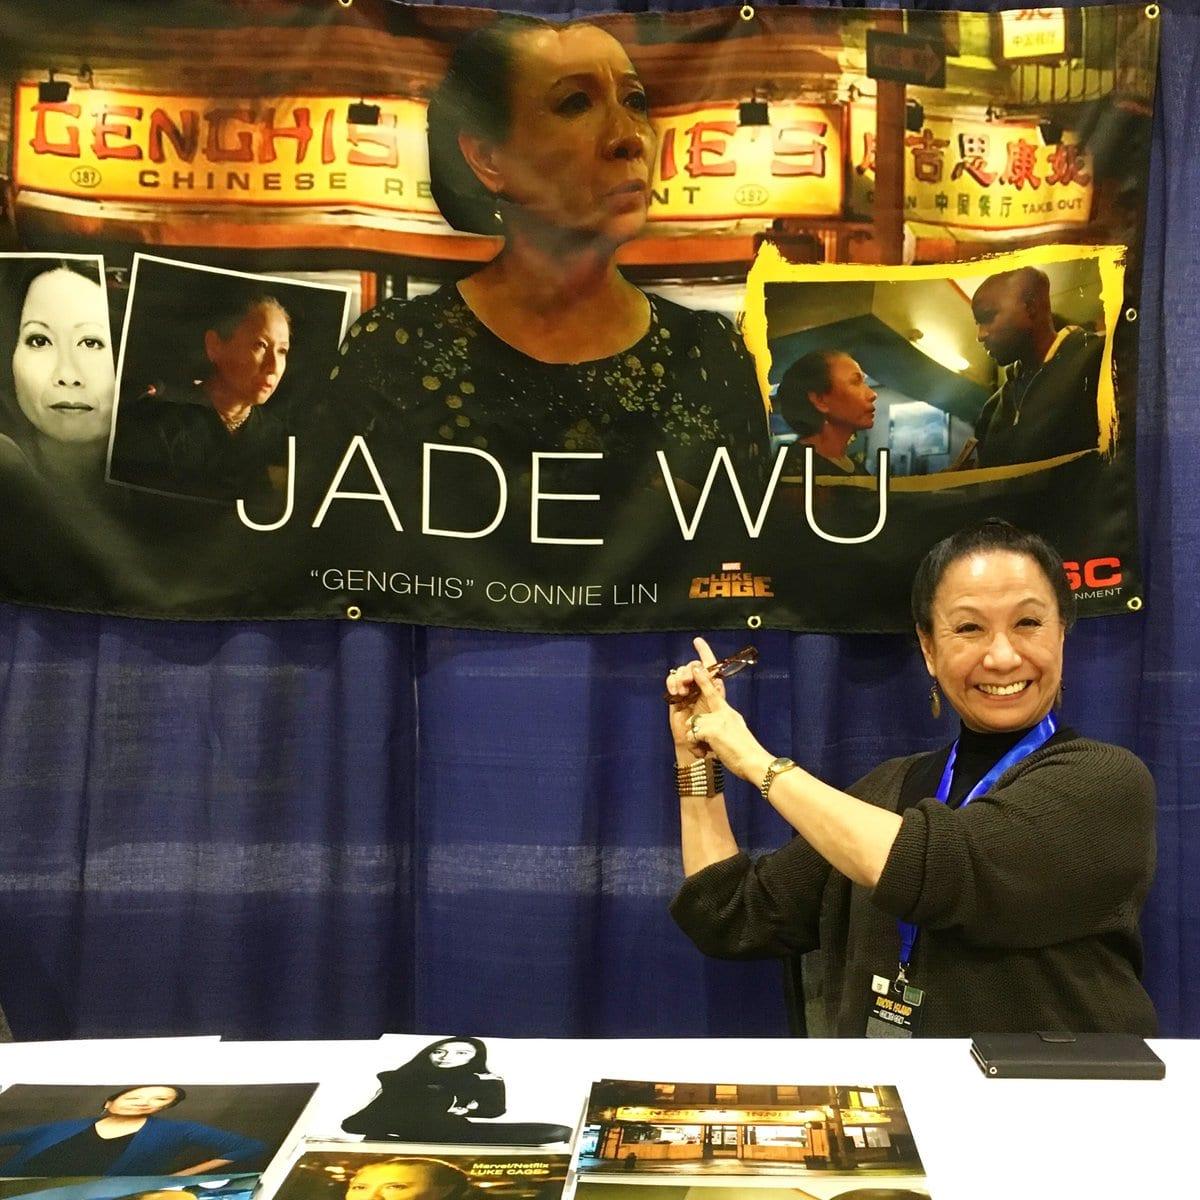 Jade Wu, Genghis Connie Lin, Luke Cage